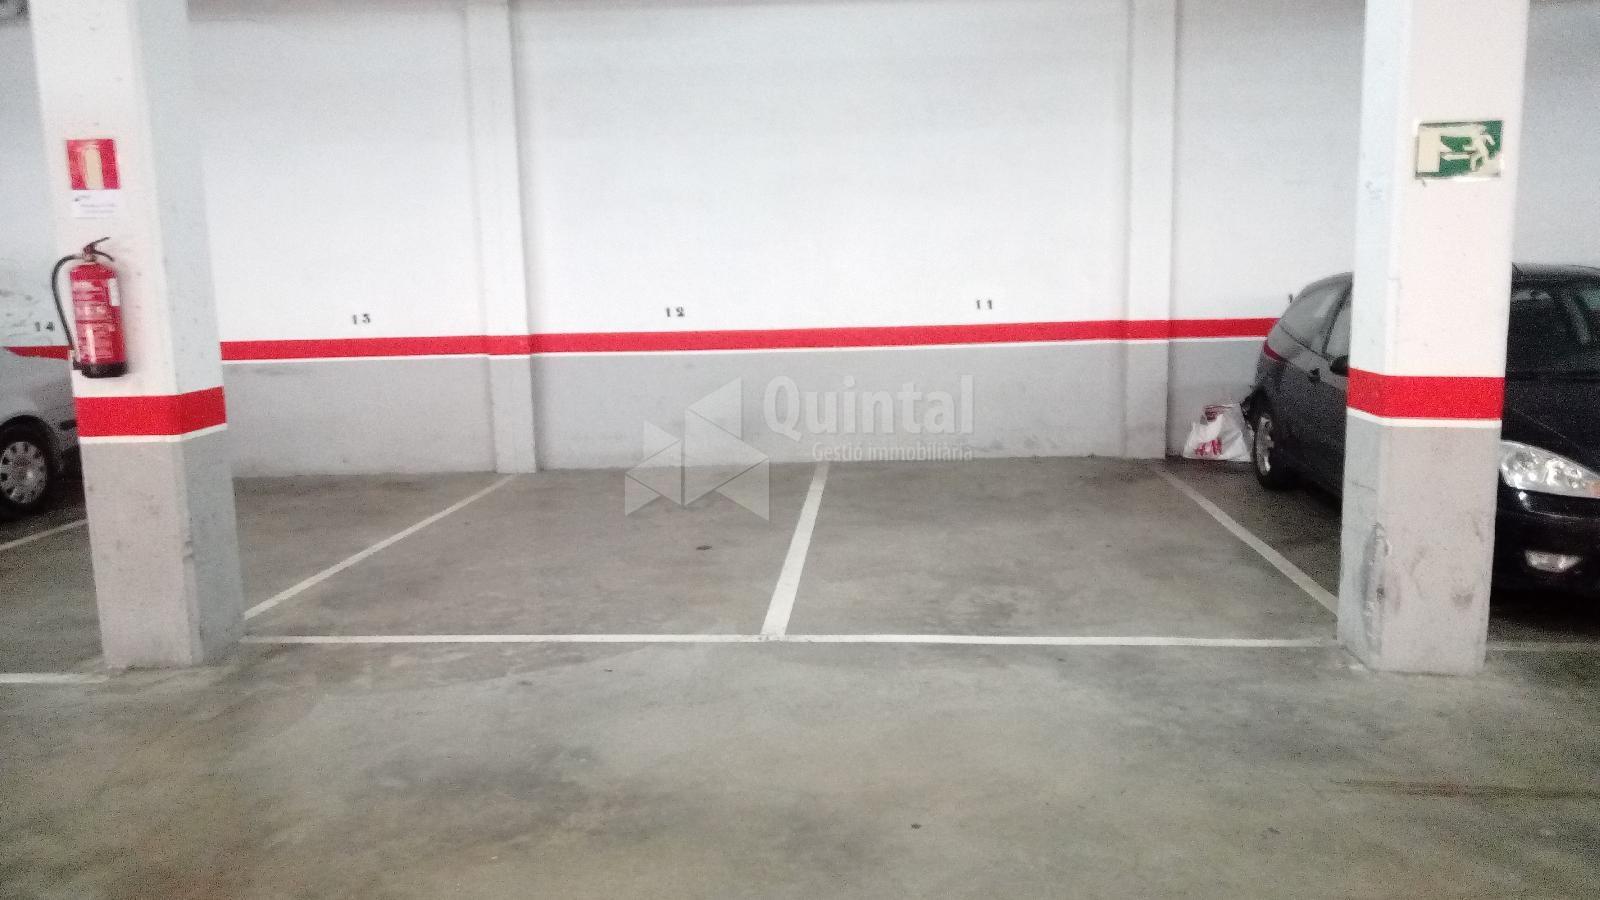 Places d'aparcament